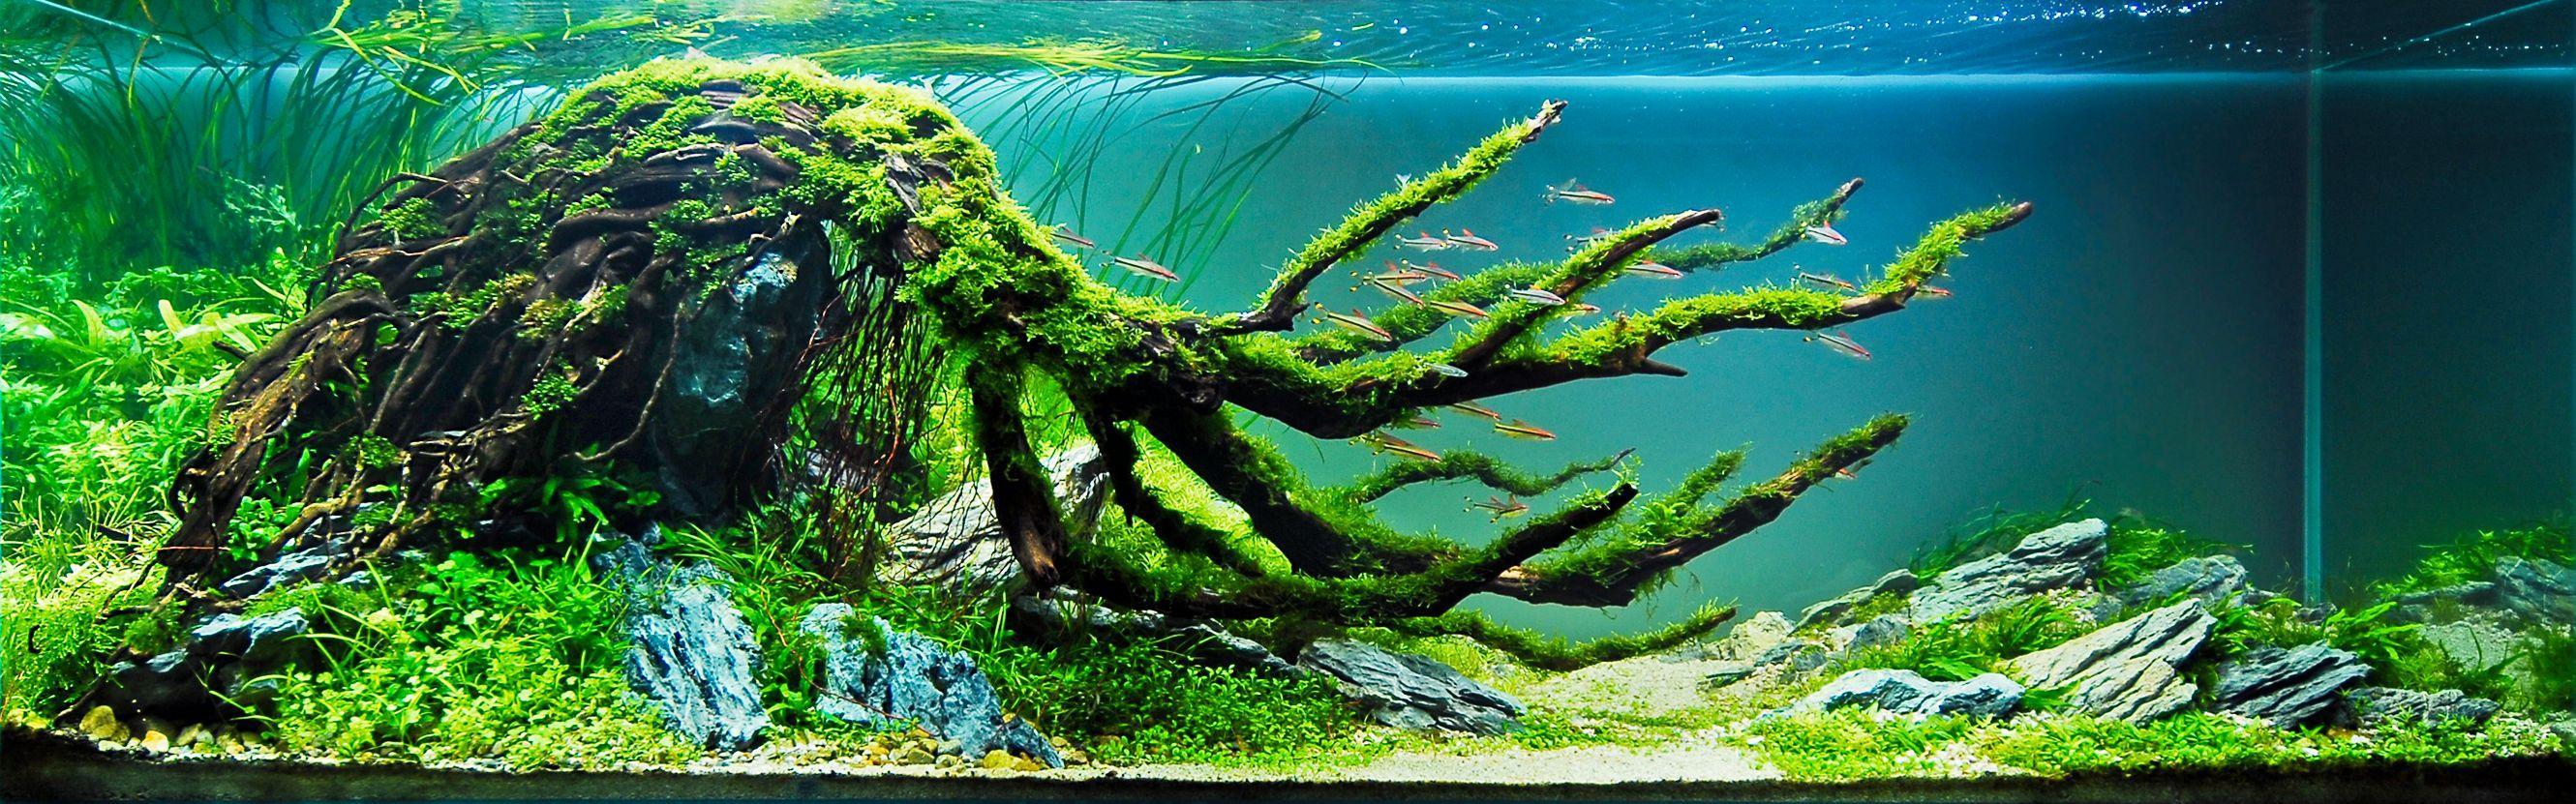 Aquascape Wallpapers - Top Free Aquascape Backgrounds ...